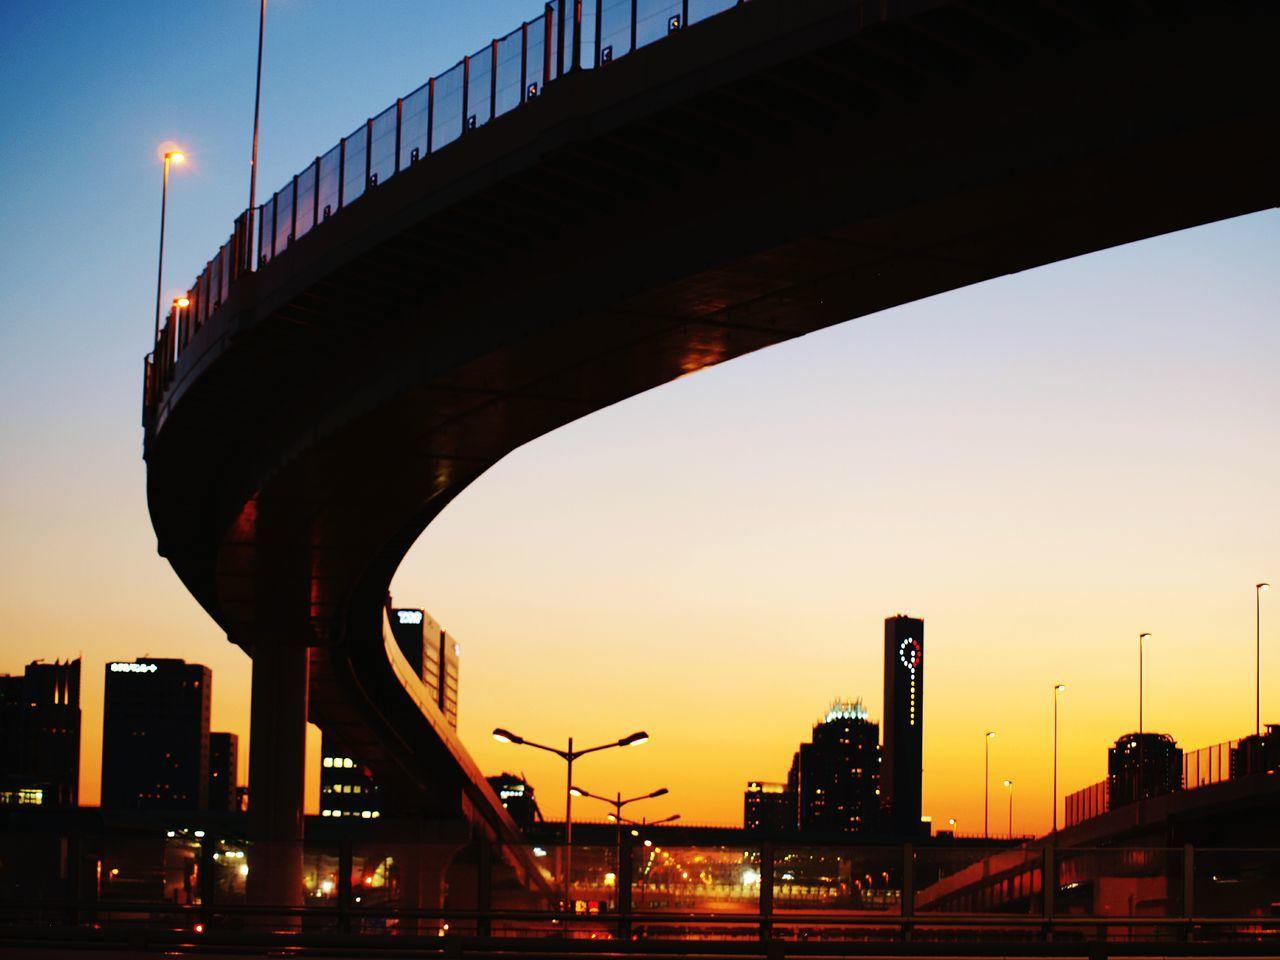 Toyosu Evening Taking Photos Tokyo,Japan Walking Metropolis Snapshot Sunset Golden Hour Pmg_tok